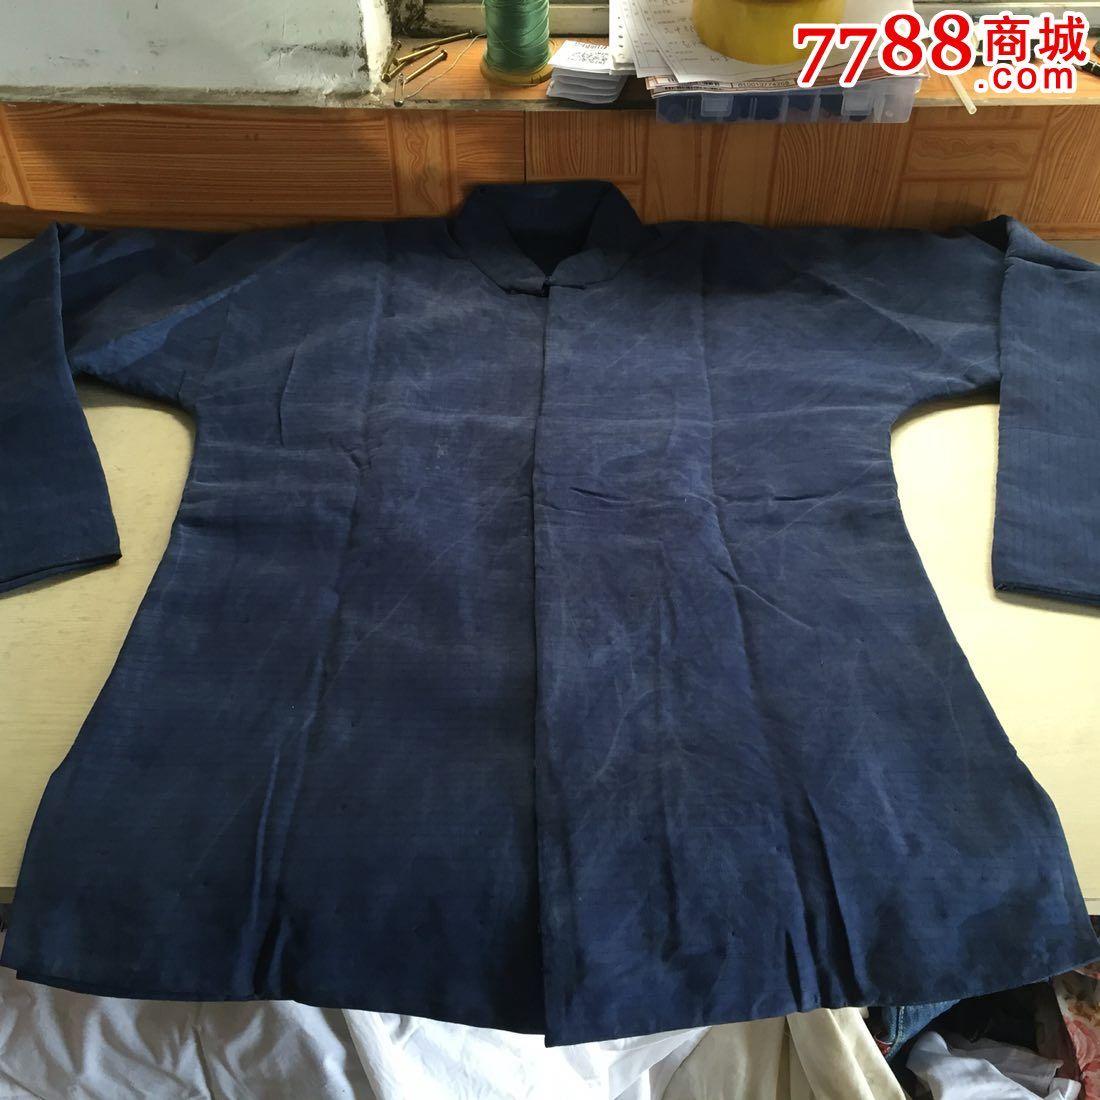 对襟襦裙制作图解